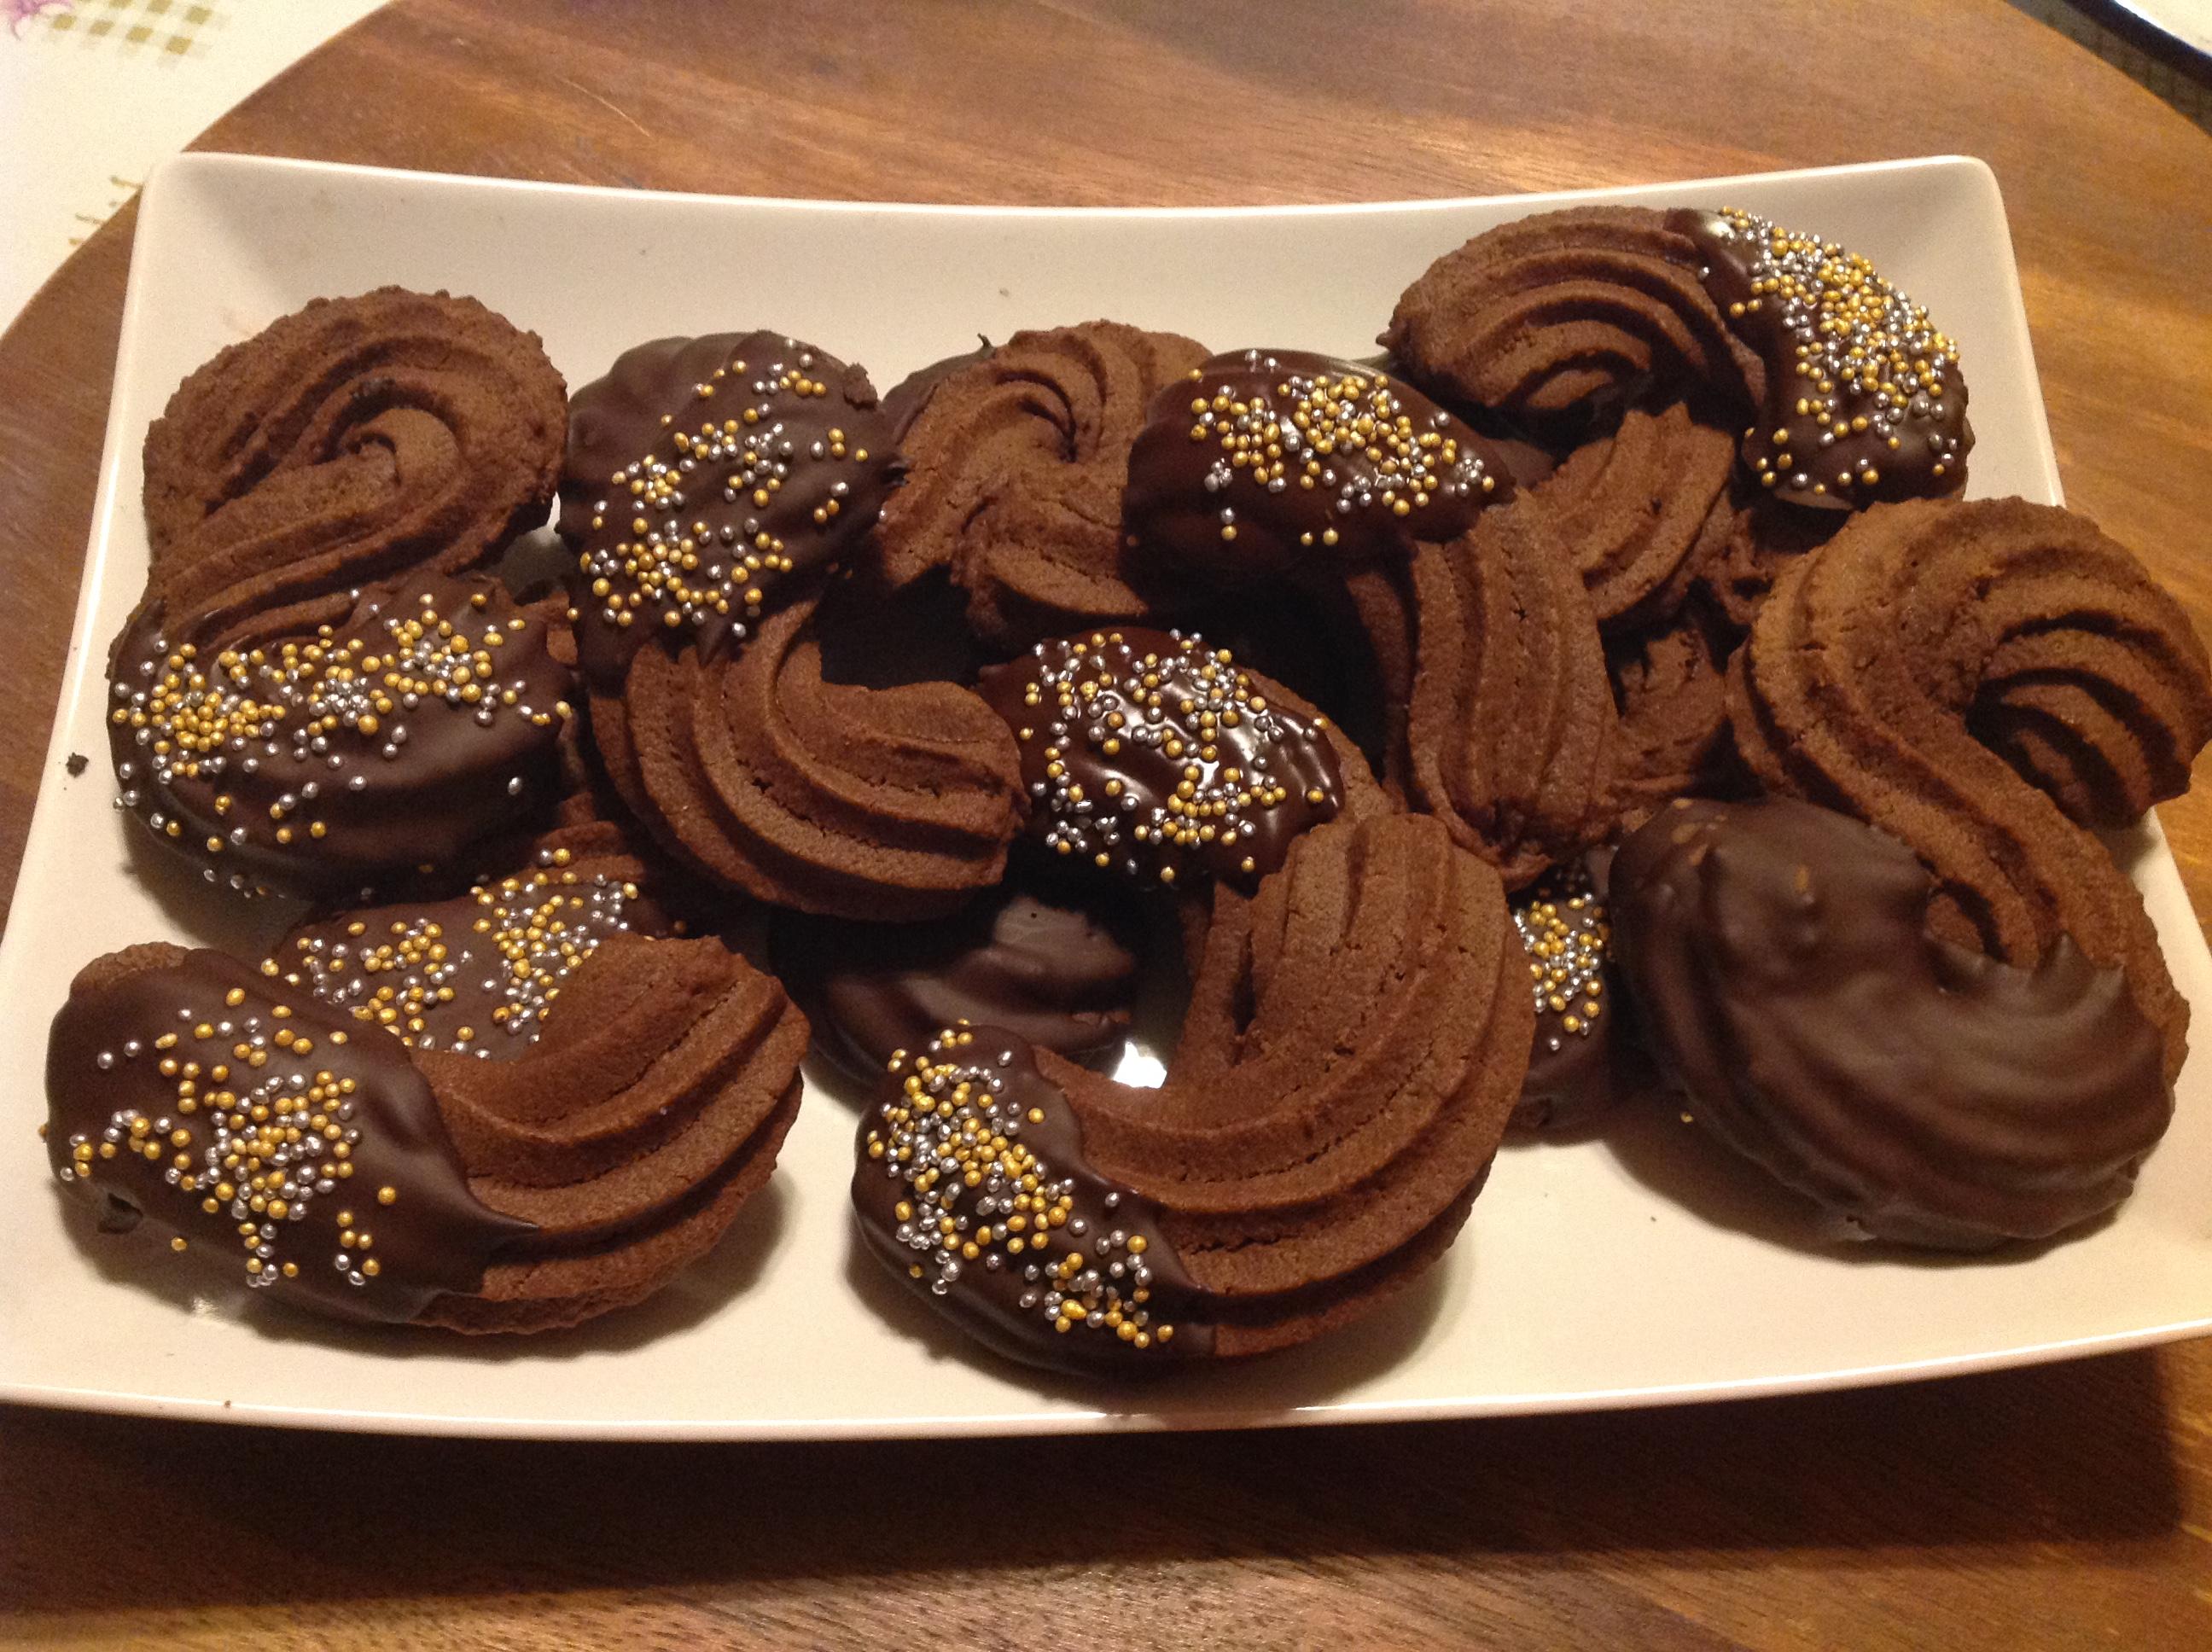 I biscotti esse di frolla al cioccolato di Massari sono dei biscotti dalla forma tondeggiante e dal sapore cioccolattoso.